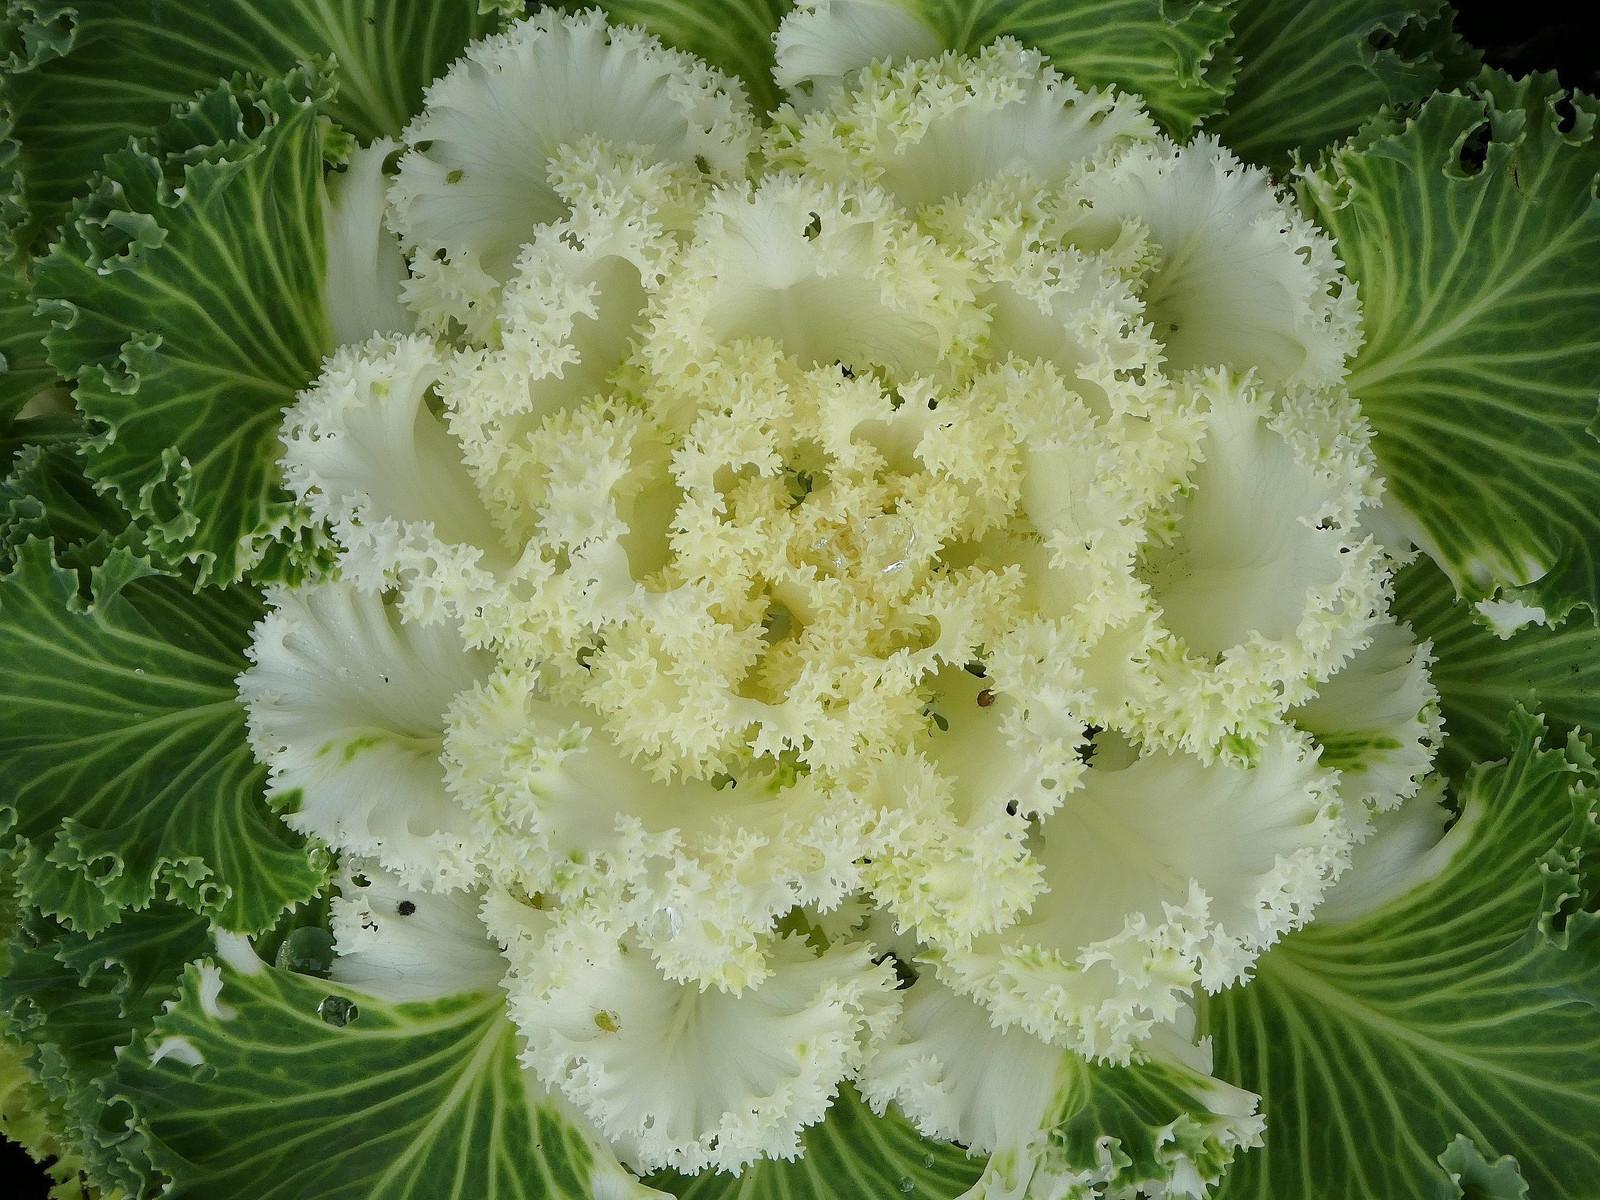 White Cabbage Flower